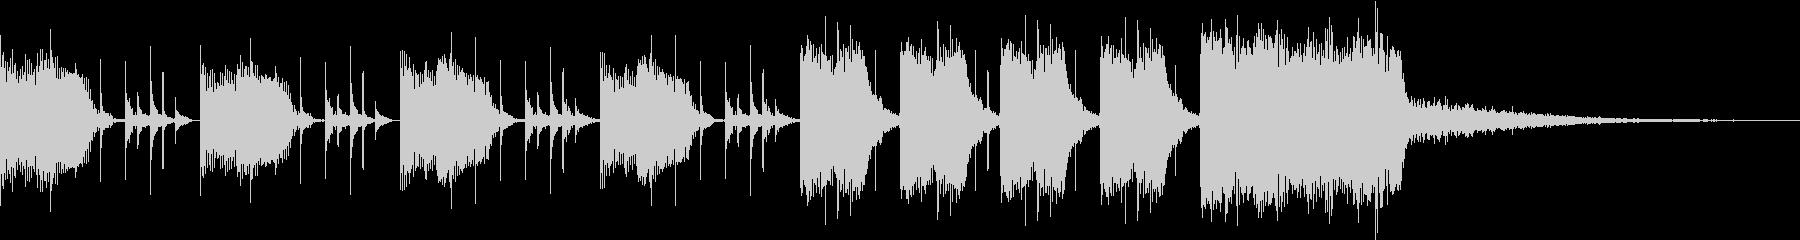 シンキングタイムジングル(10秒)の未再生の波形